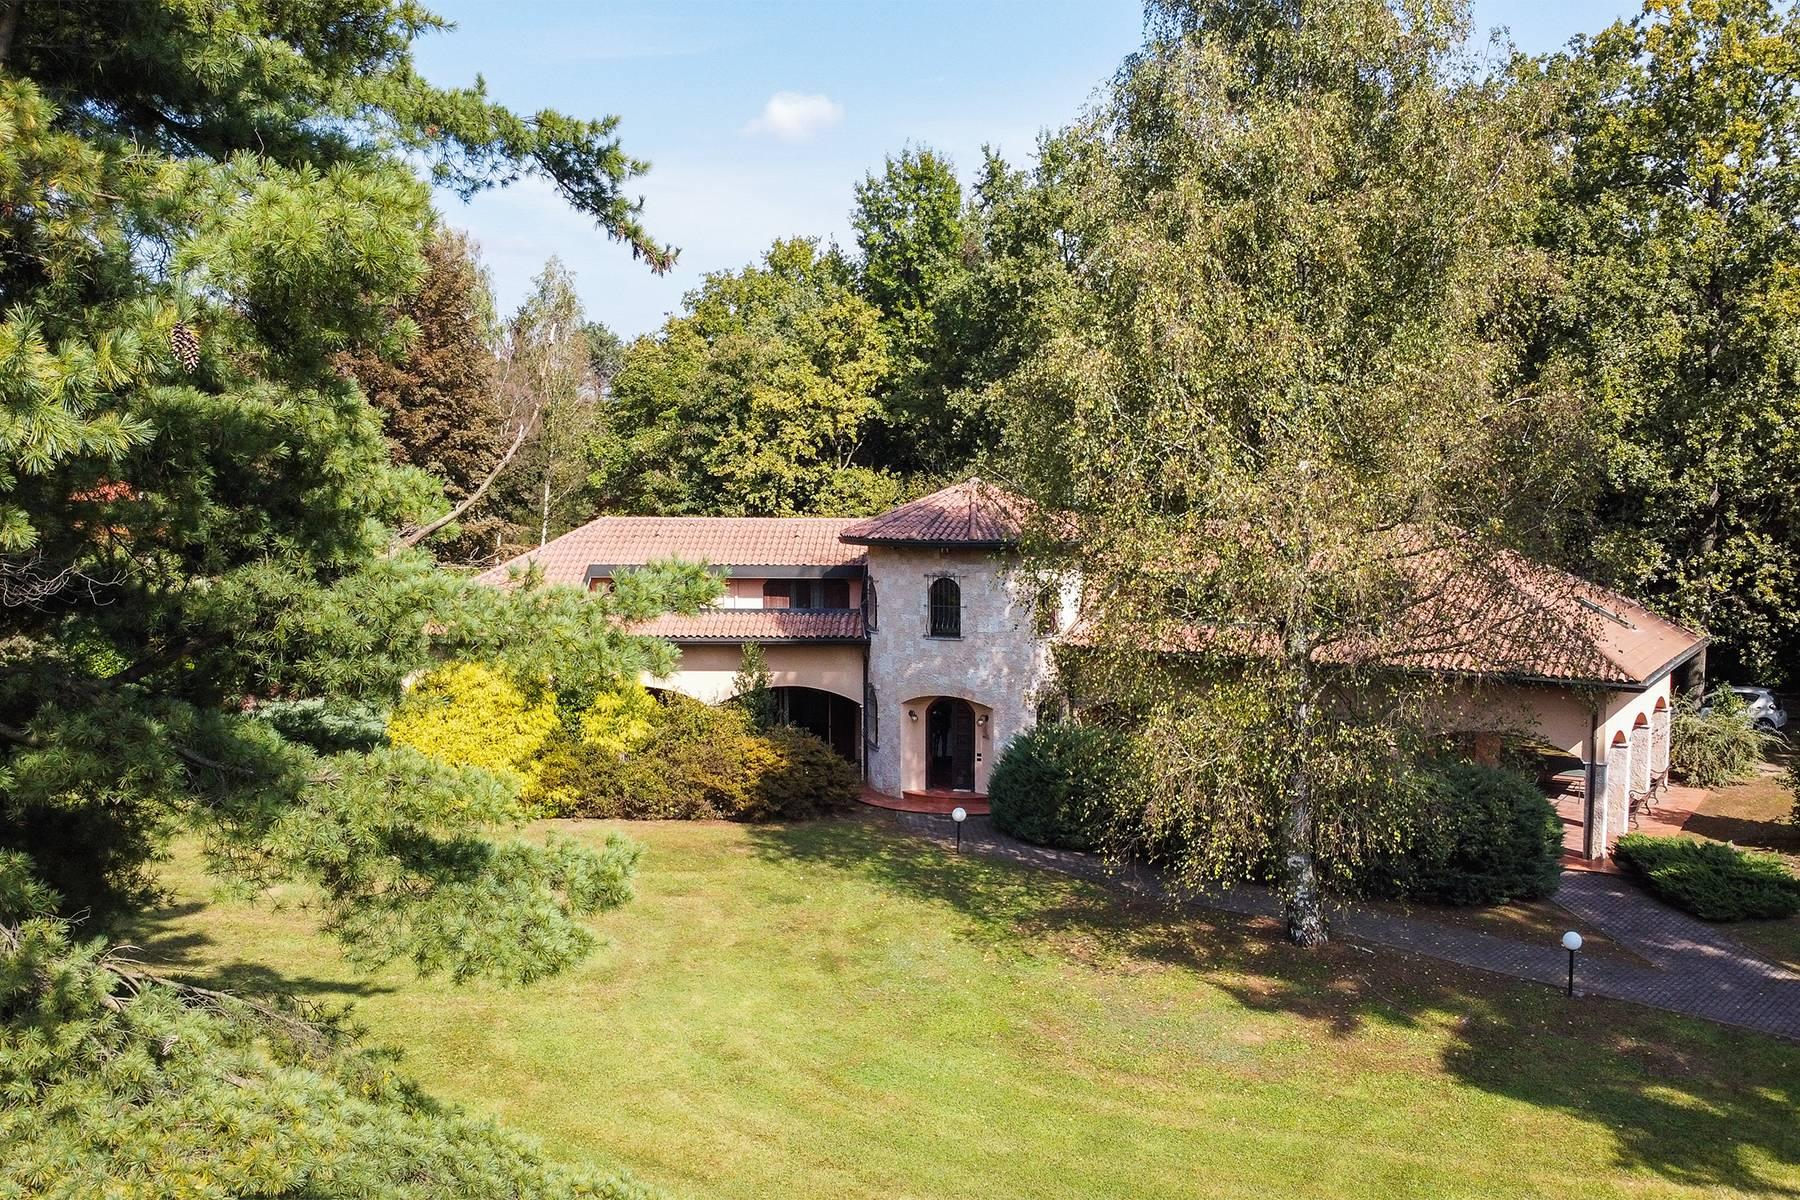 Villa in Vendita a Guanzate: 5 locali, 800 mq - Foto 2